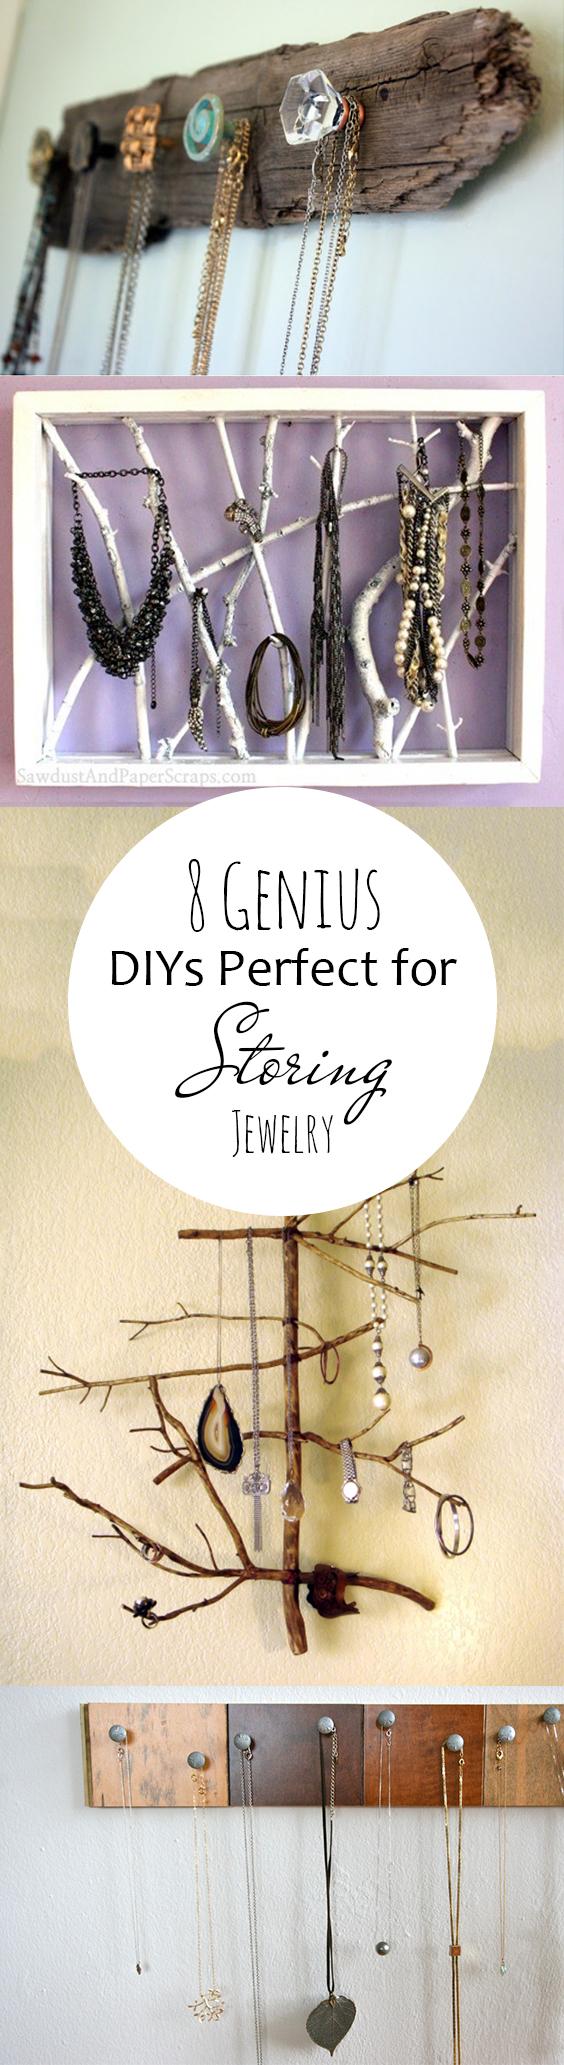 Storing jewelry, jewelry storage, DIY jewelry storage, popular pin, DIY home, home decor, DIY home storage.